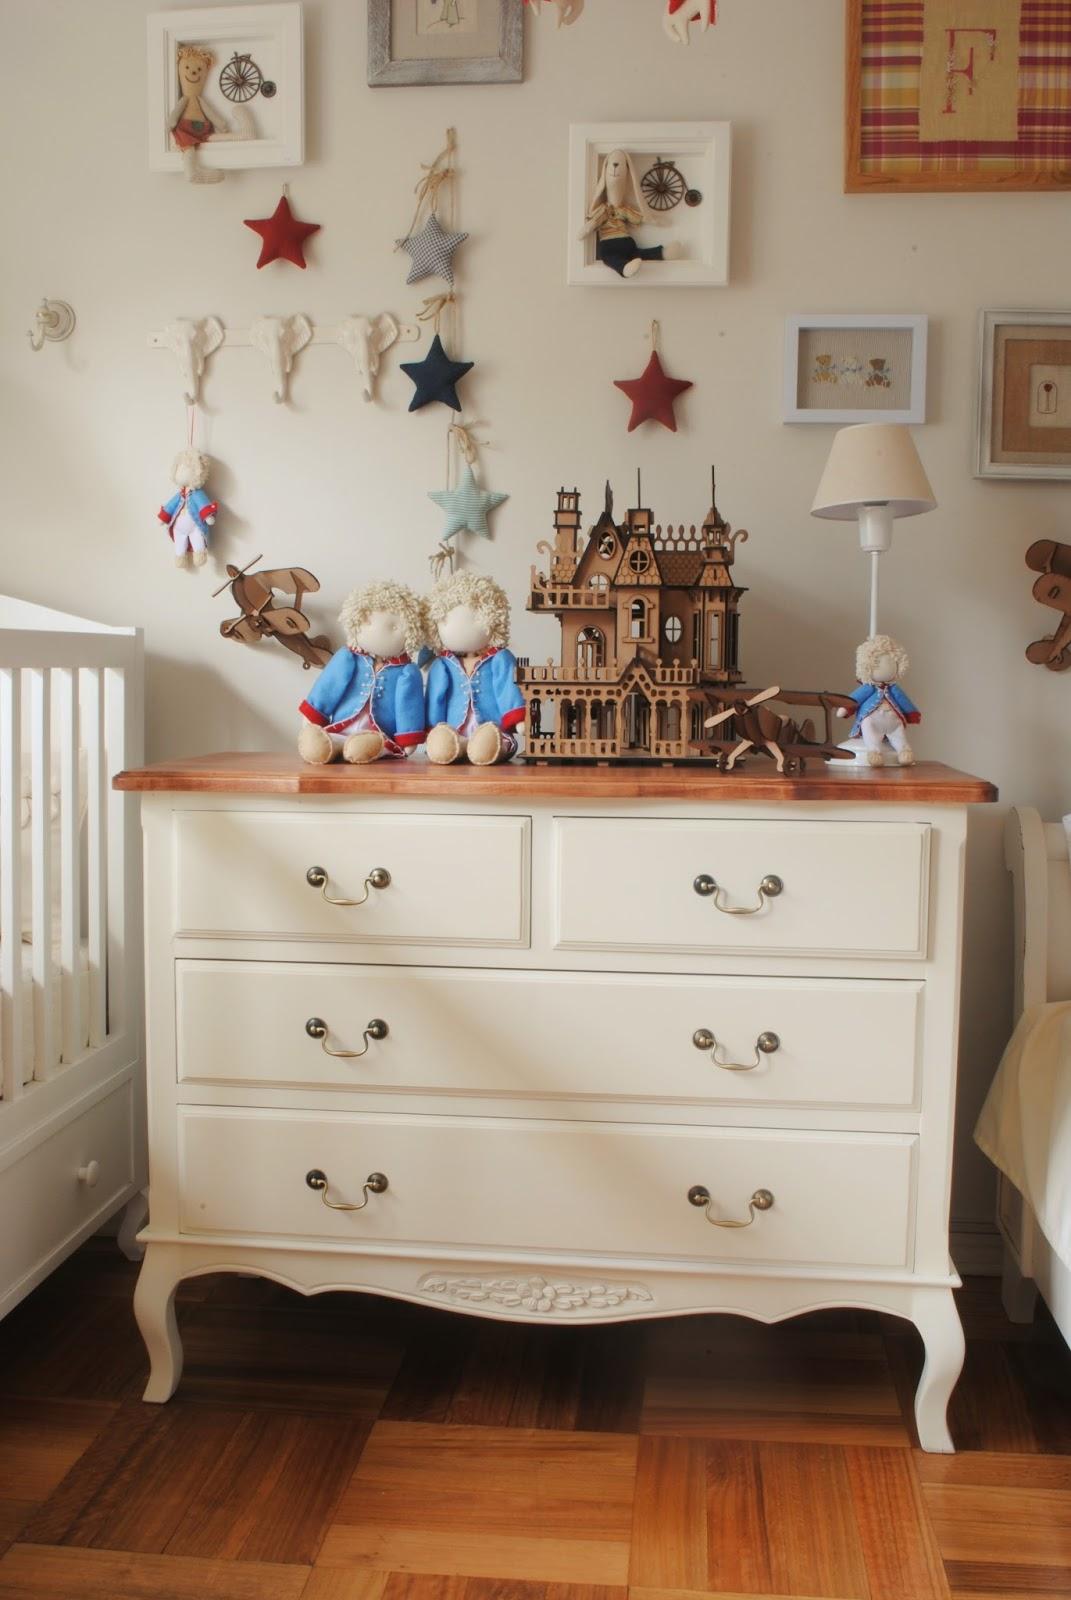 Paz montealegre decoraci n muebles fabricaci n a - Dormitorios estilo provenzal ...